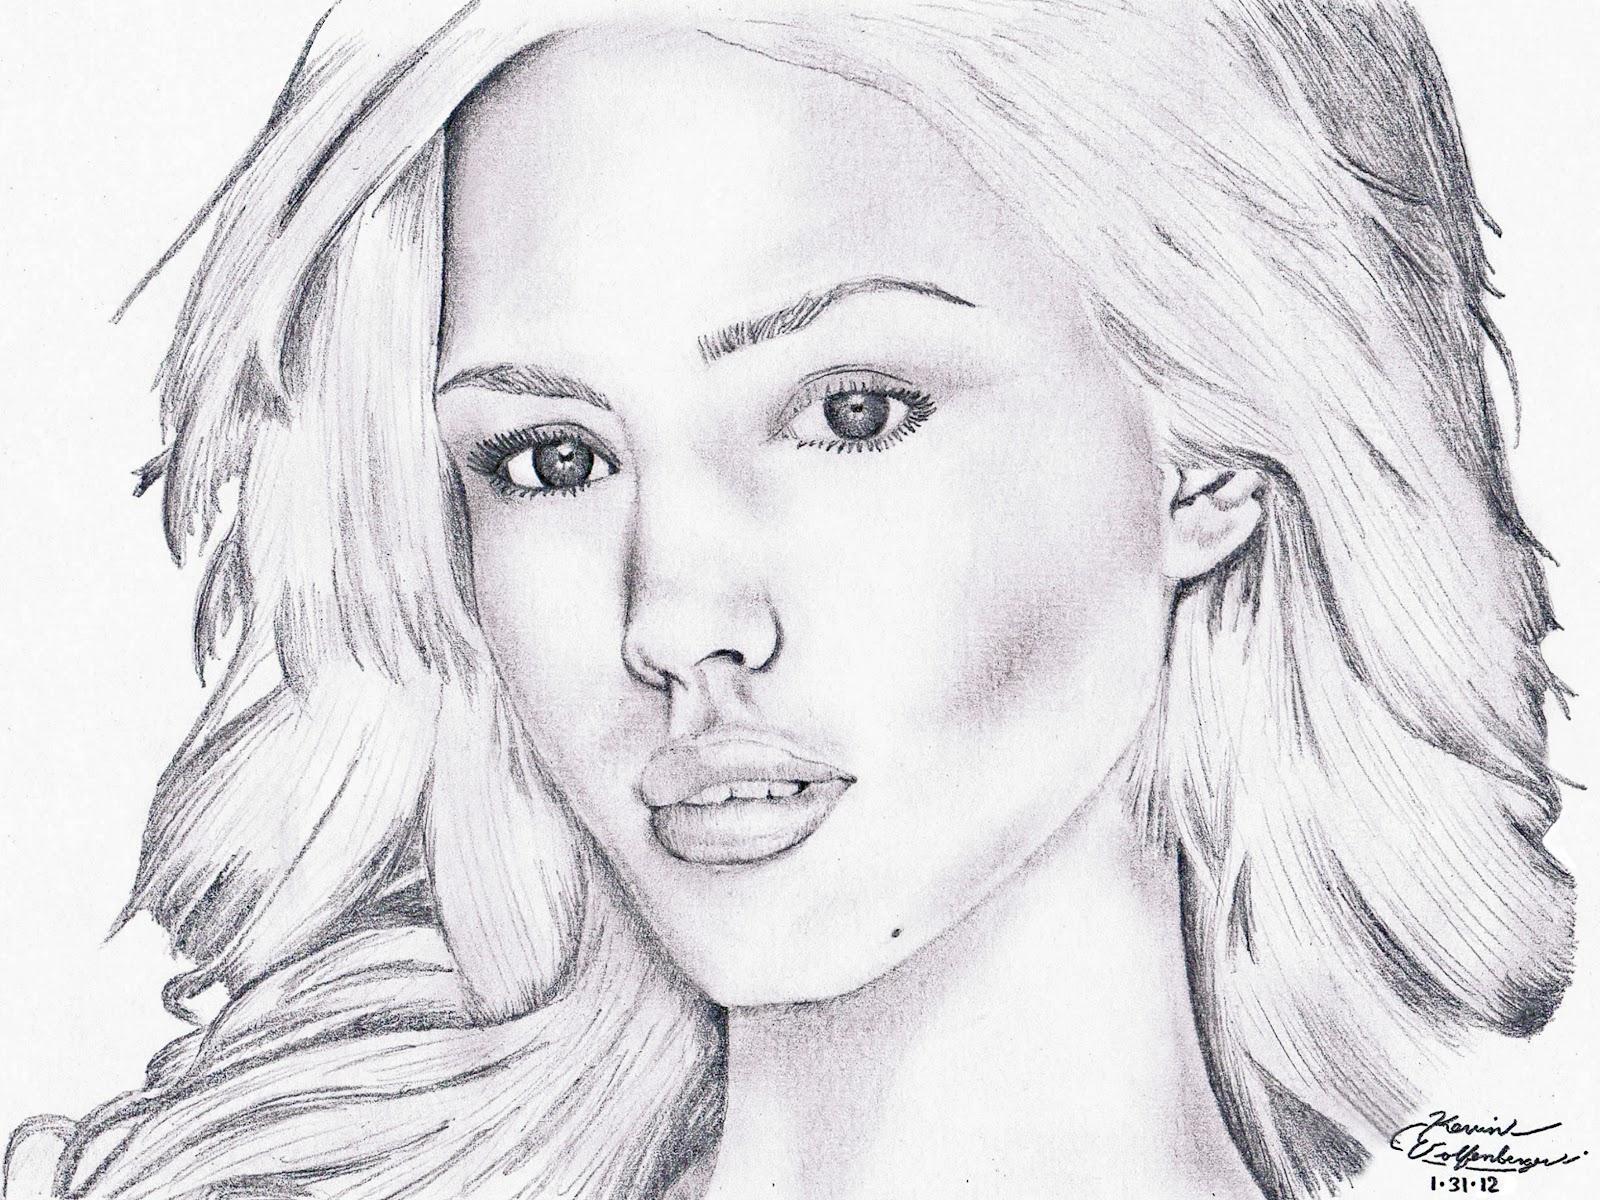 http://3.bp.blogspot.com/-KThV1g9HCP0/UFUqv5UT6PI/AAAAAAAAh1M/2Uymx3qSeDU/s1600/Jessica+Alba+Drawing.jpg